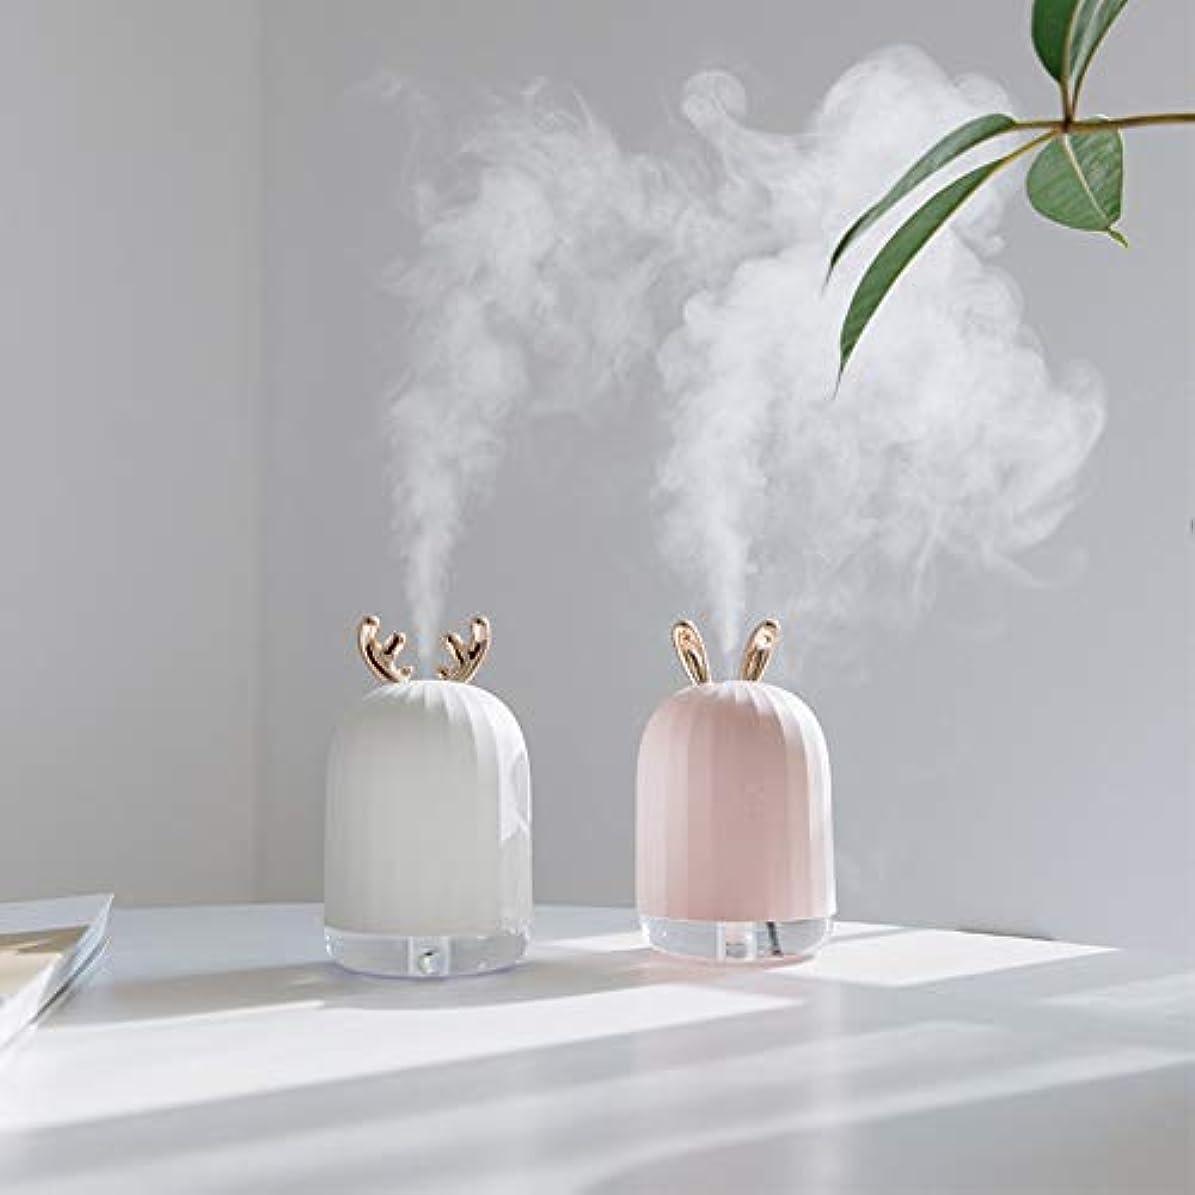 大理石高尚なアンカーZXF LED水蒸気顔加湿器usb充電ナノスプレーカラフルな雰囲気ライトホワイトアントラーズピンクうさぎモデルでクリエイティブ美容水和機器コールドスプレークリエイティブ 滑らかである (色 : White)